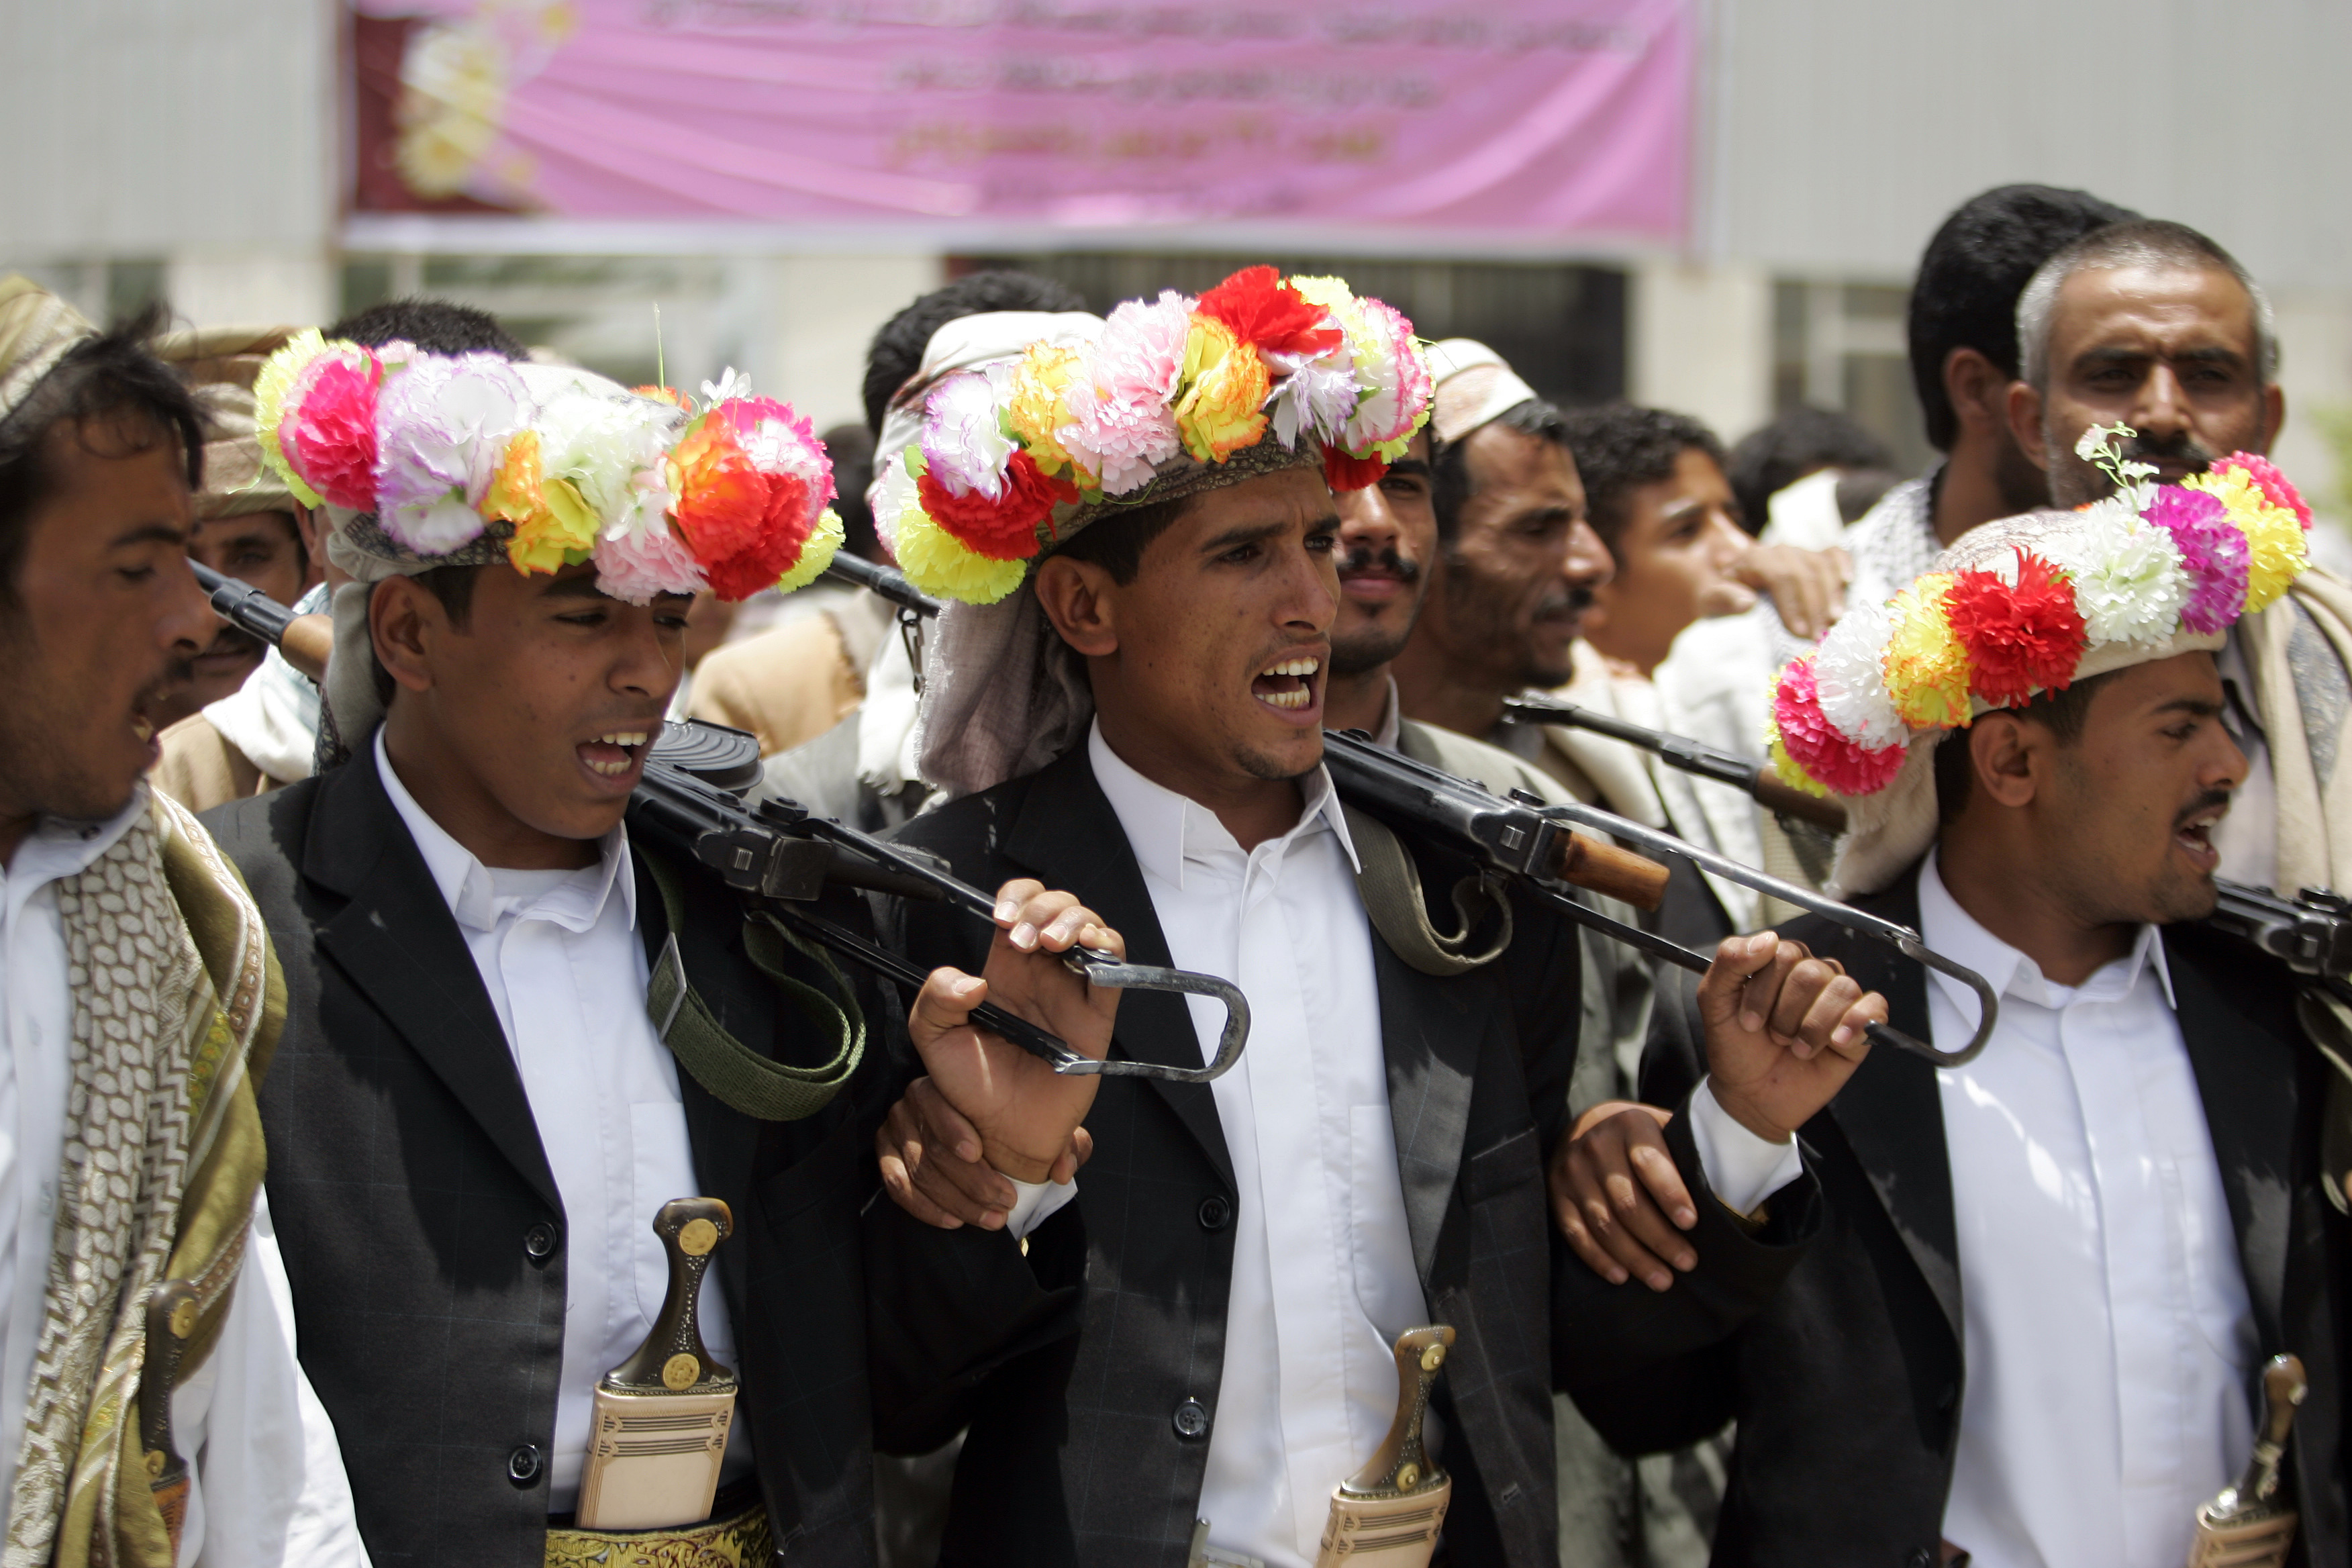 его свадьба в йемене фото крайней нужды